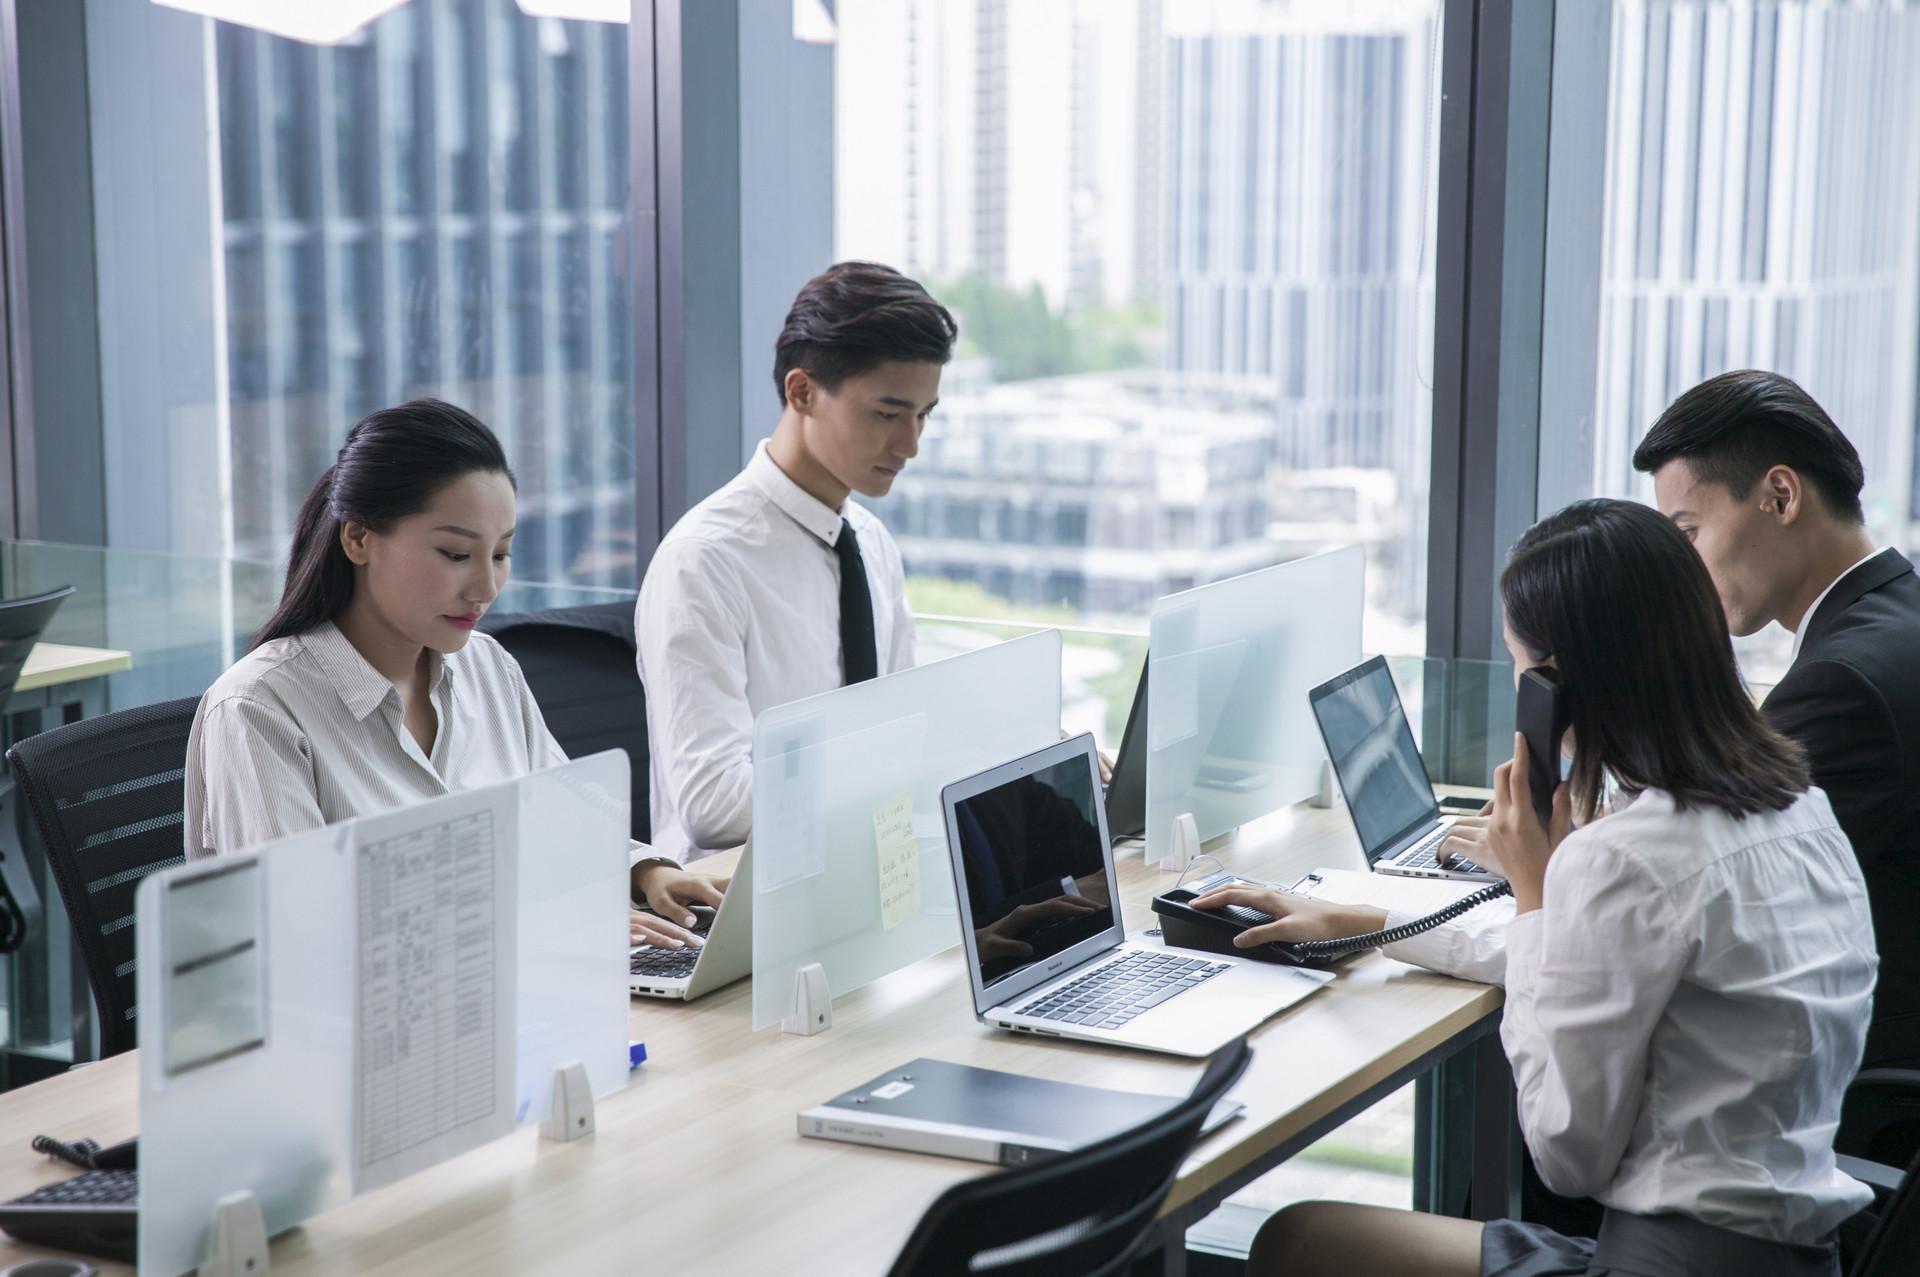 薪资代发客户关注的问题:解决疑问安心使用服务